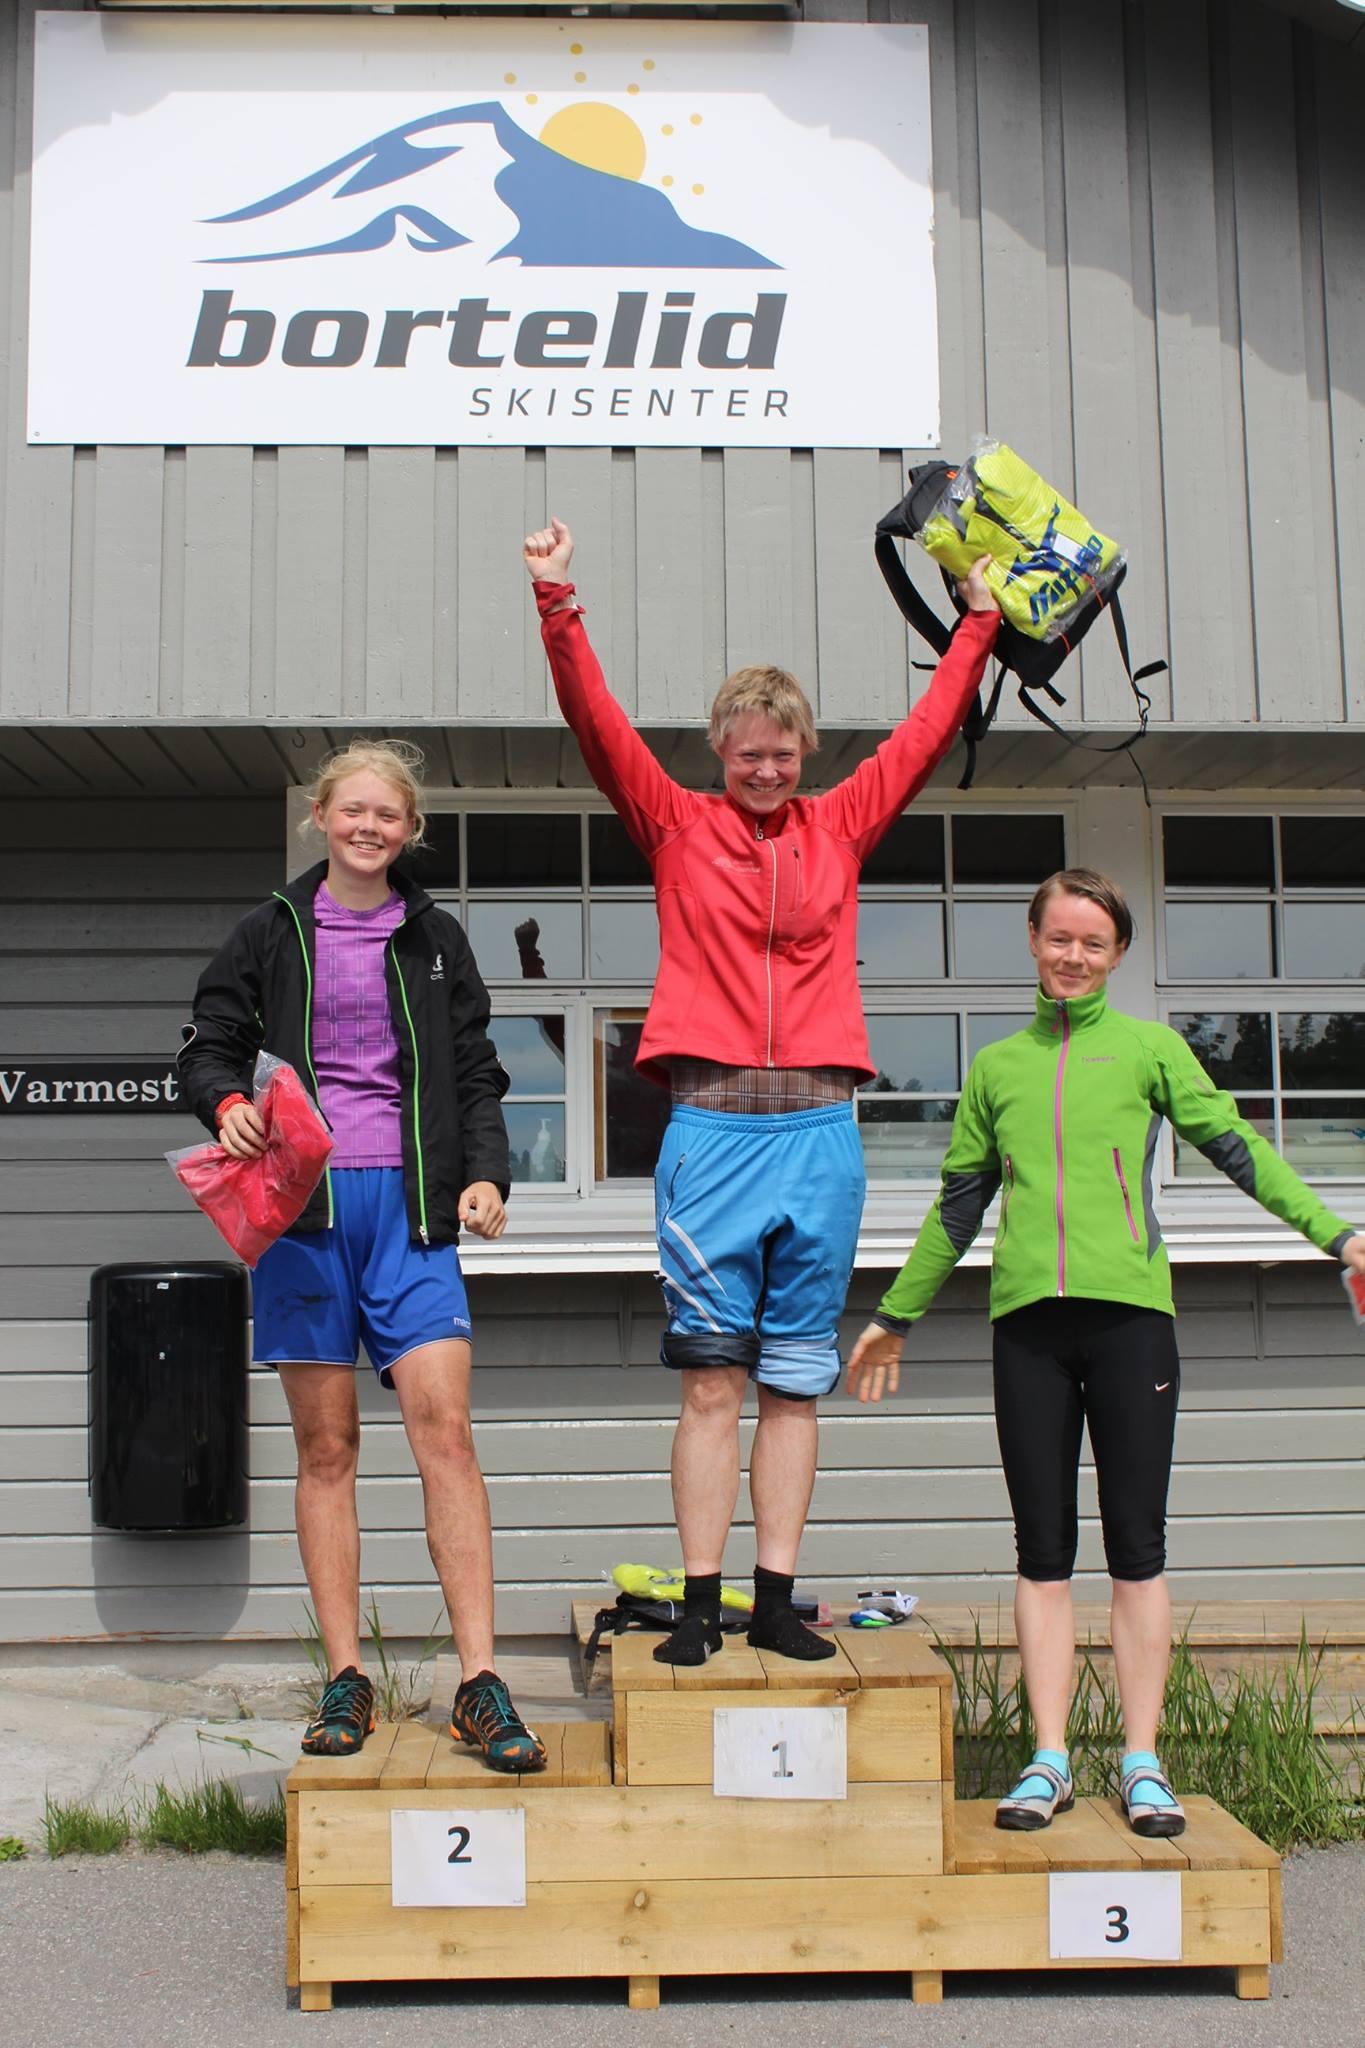 Dagens 3 raskeste damer. 1. plass Karianne Rosef i midten, 2. plass Åse Marie Rosef til venstre og 3. plass Tove Utengen til høyre.